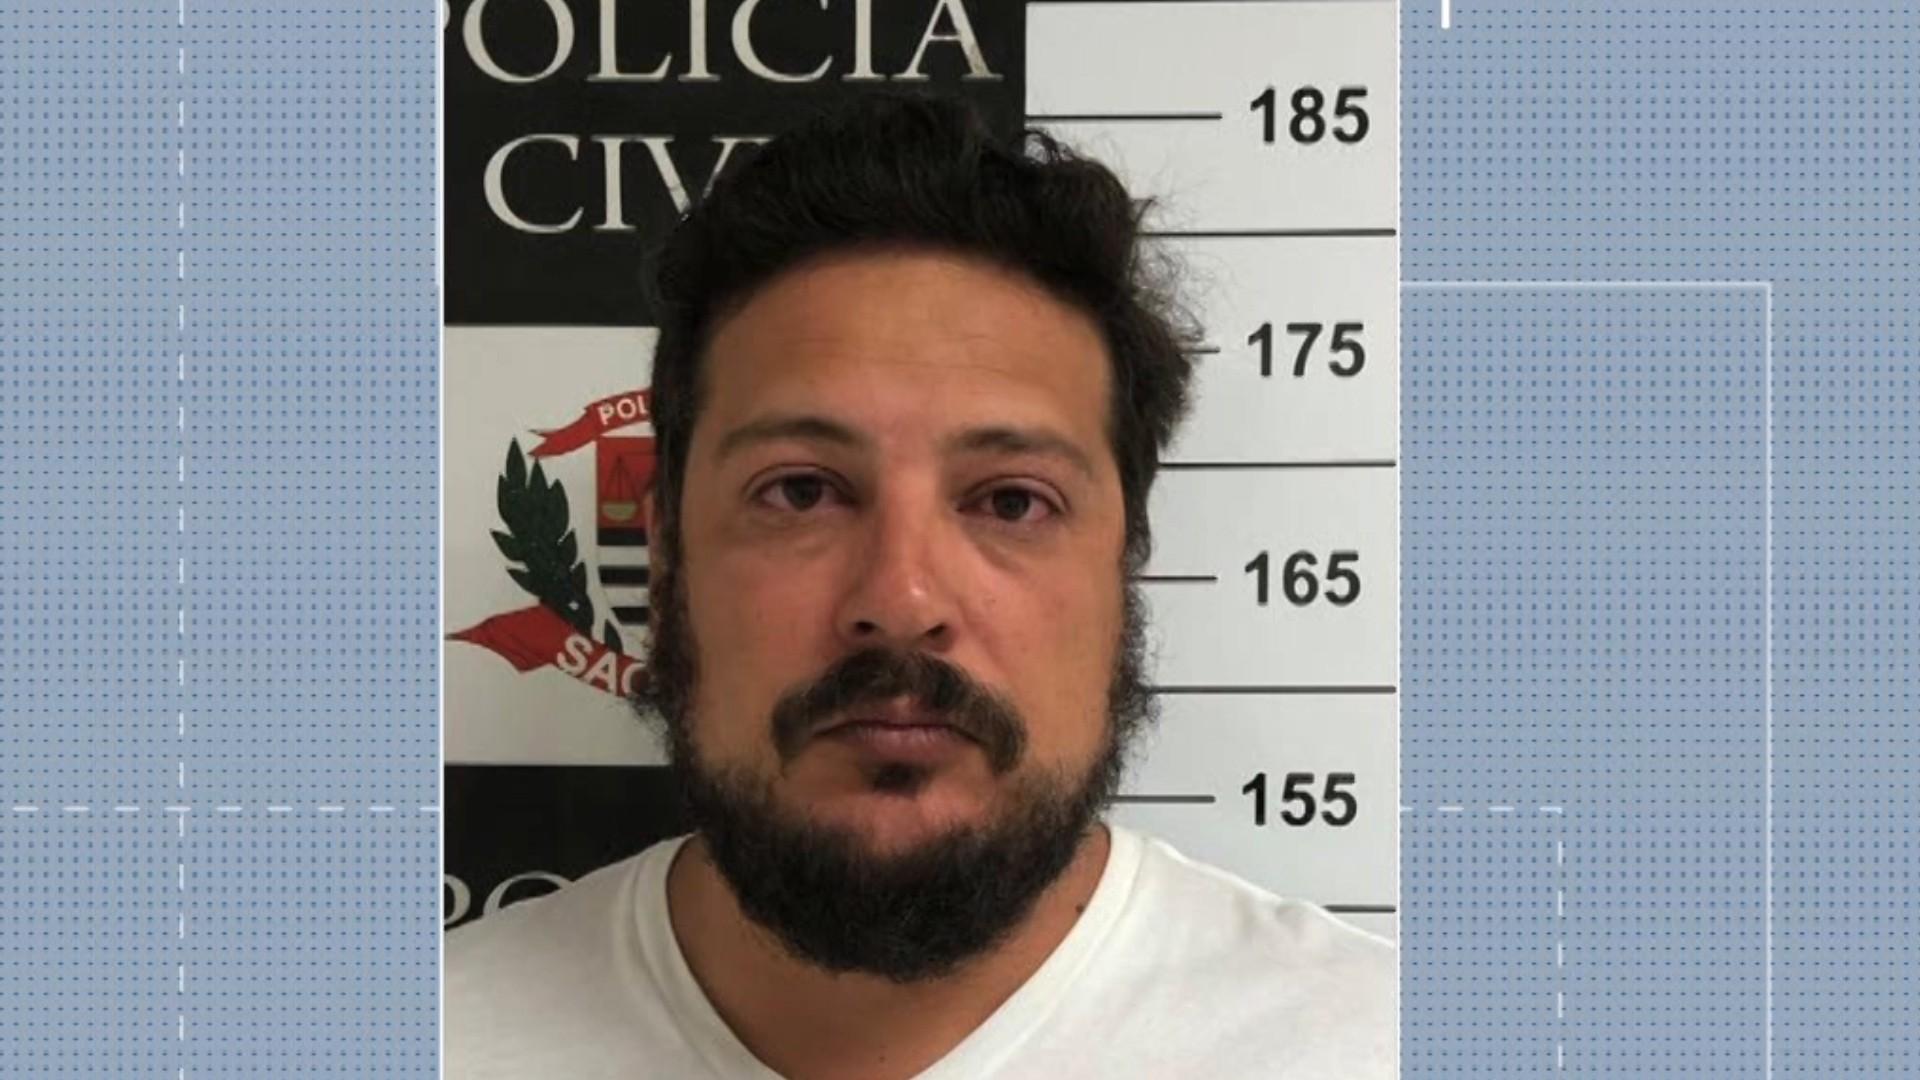 Servidor da Prefeitura de Mogi é preso por suspeita de inflar o próprio salário e desviar mais de R$ 1 milhão em dois anos - Notícias - Plantão Diário